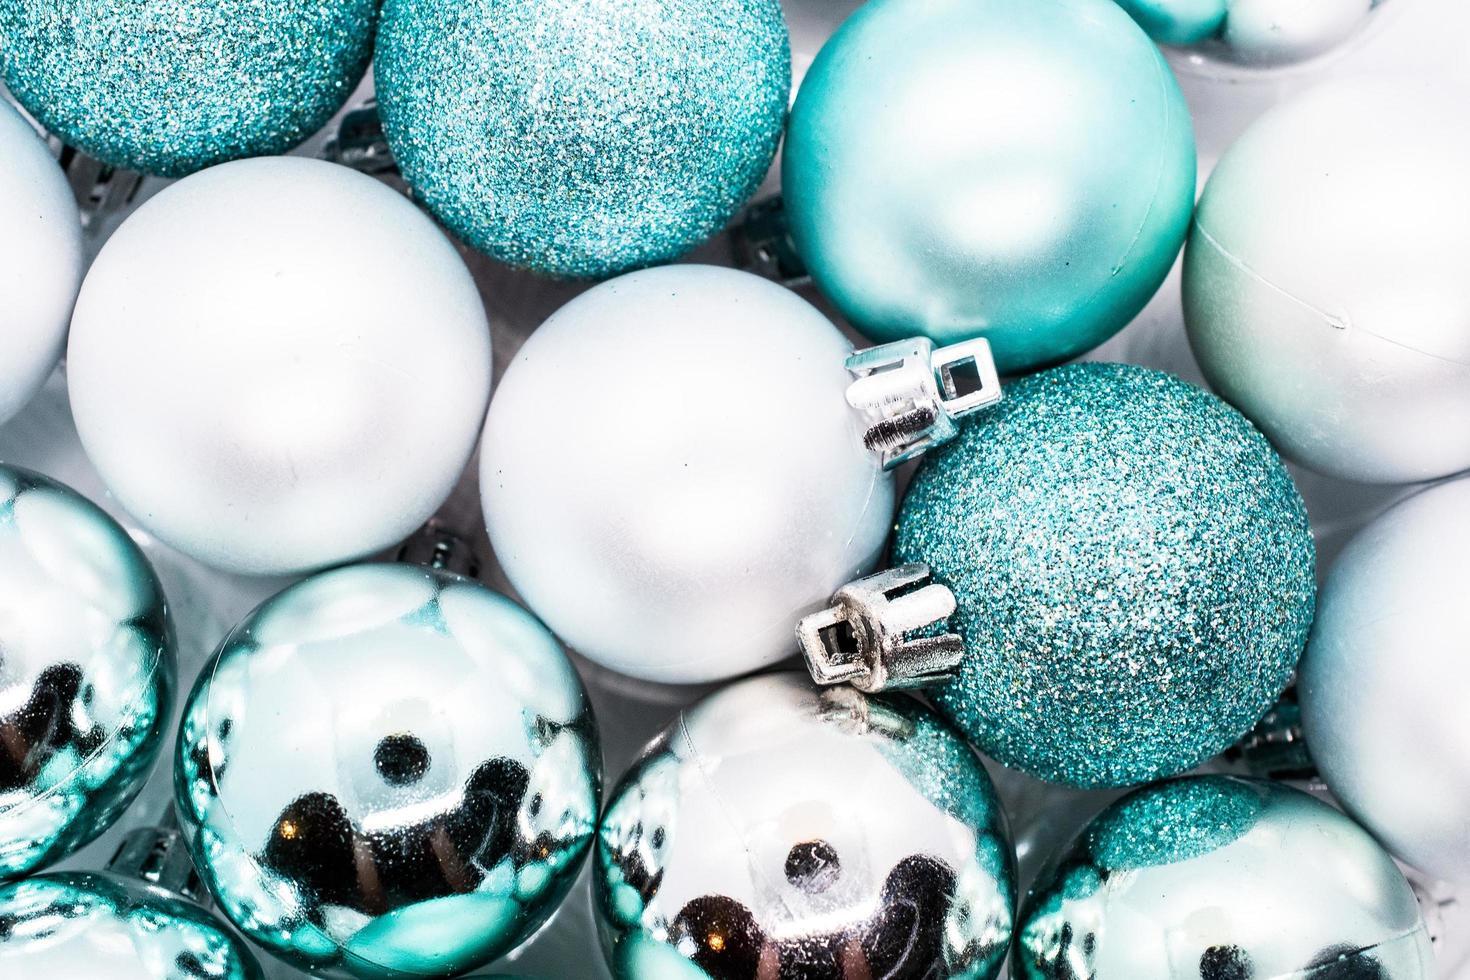 boules de noël bleu clair et argent photo